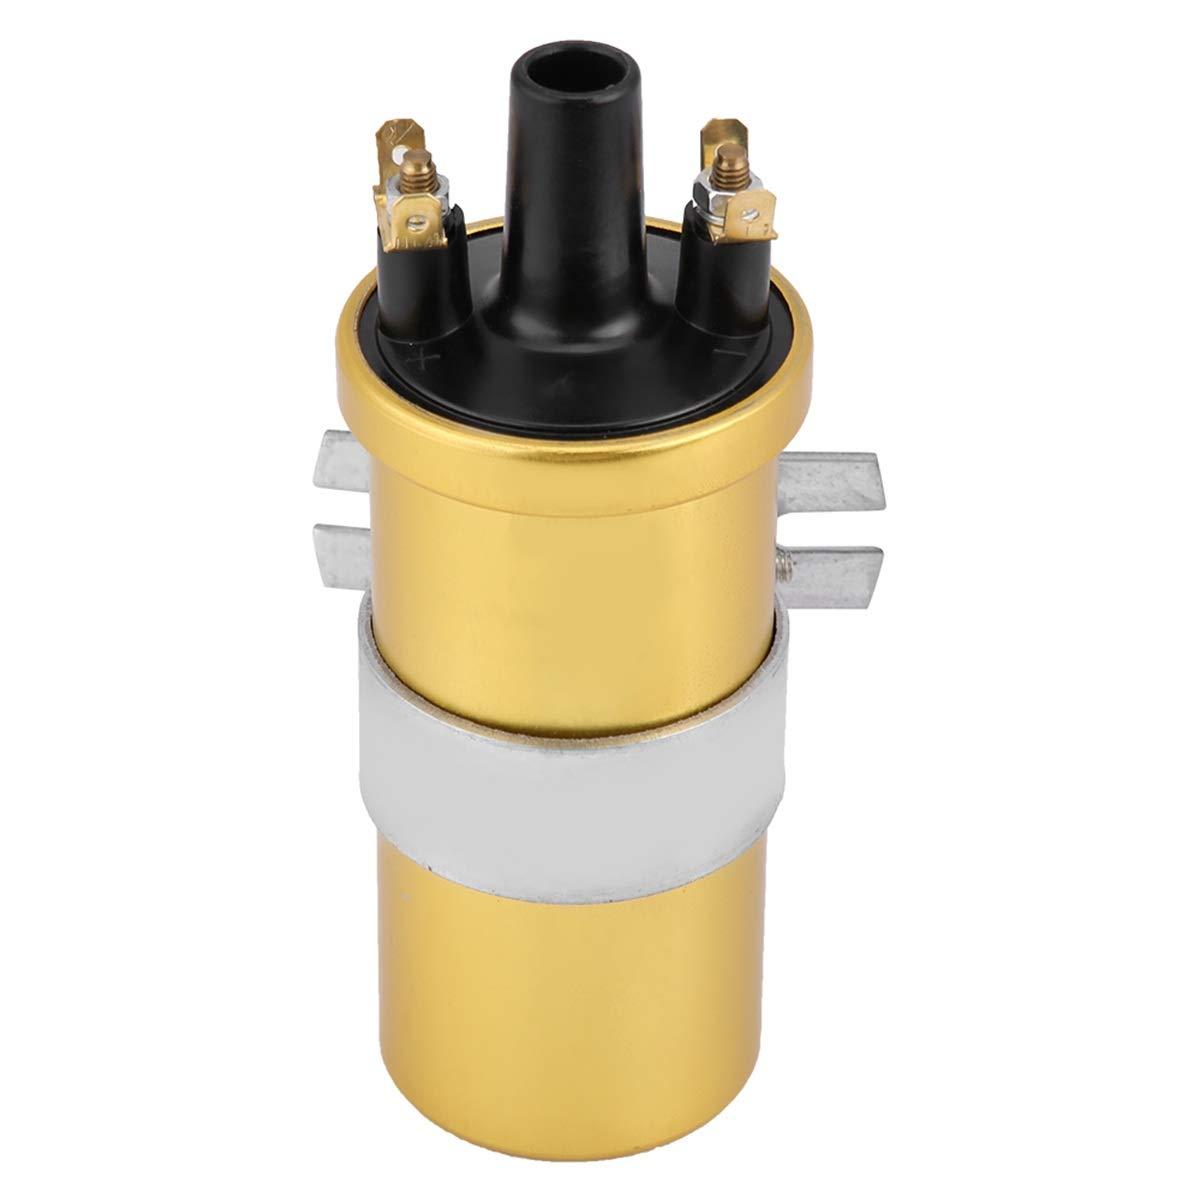 Norme /élev/ée de haute performance de bobine dallumage de ballast pour la bobine dallumage de sports de LUCAS 12v DLB105